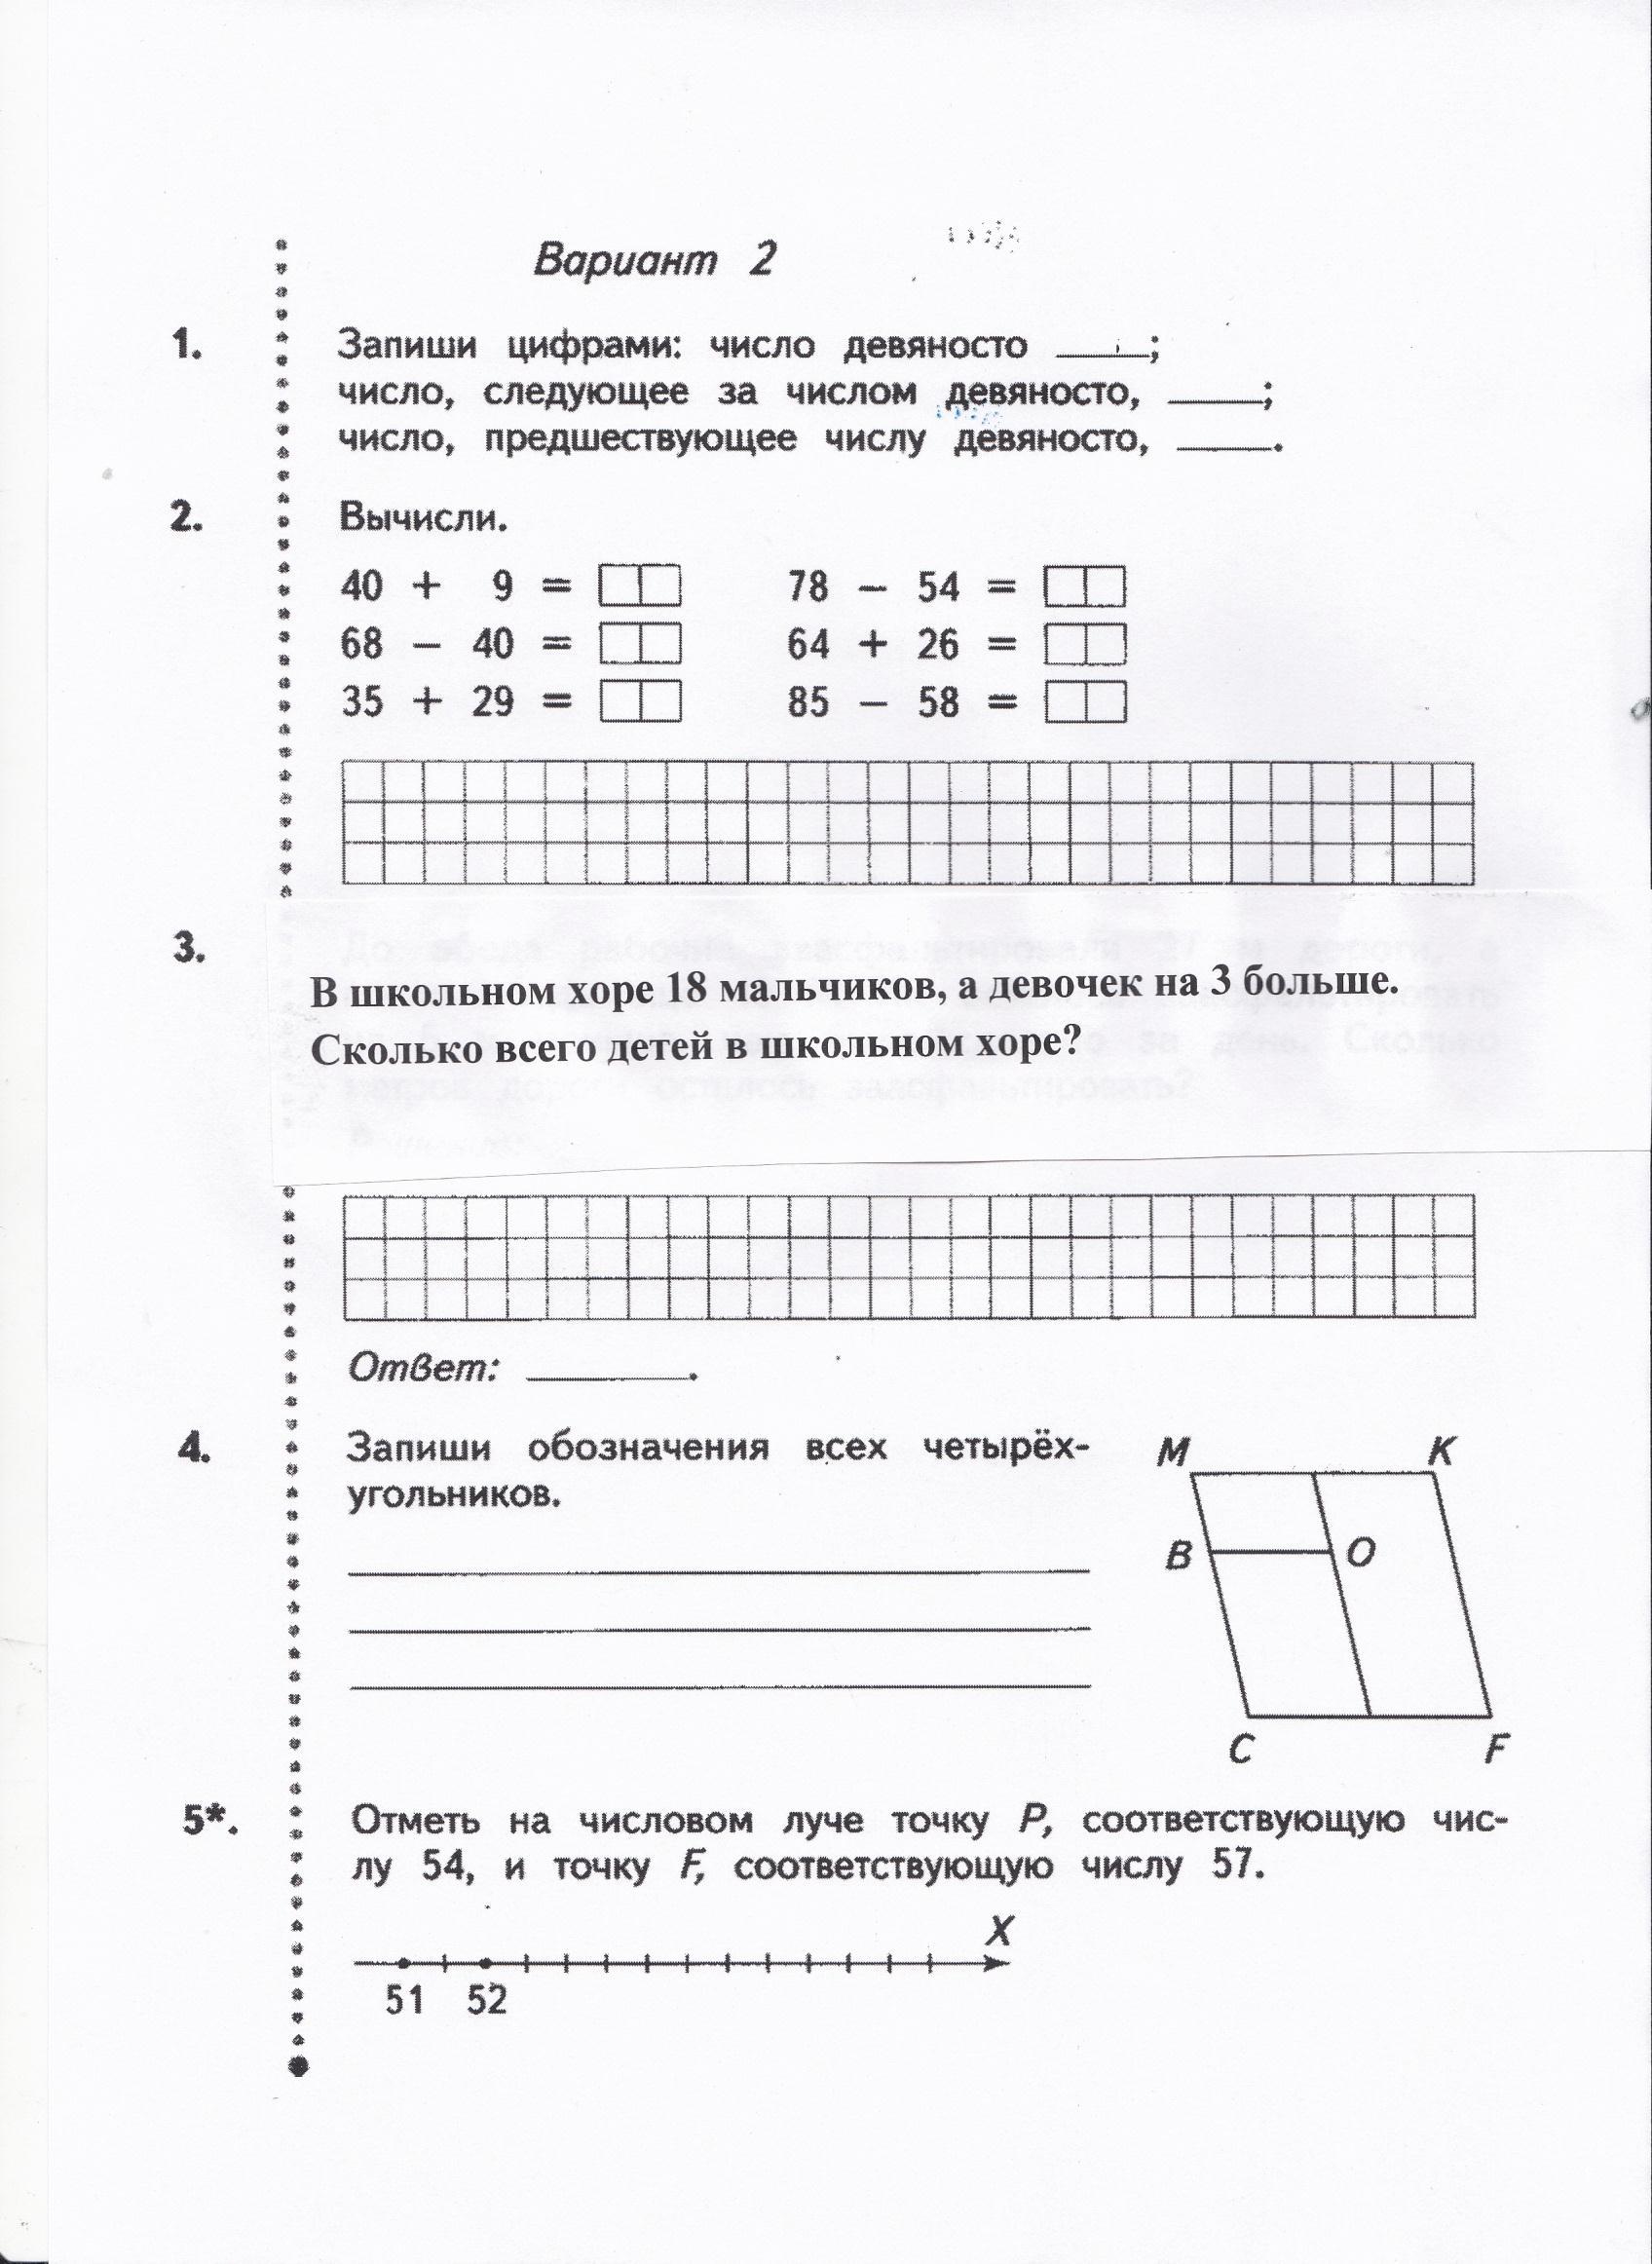 Все контрольные работы по математике по начальному классу умк 21 век